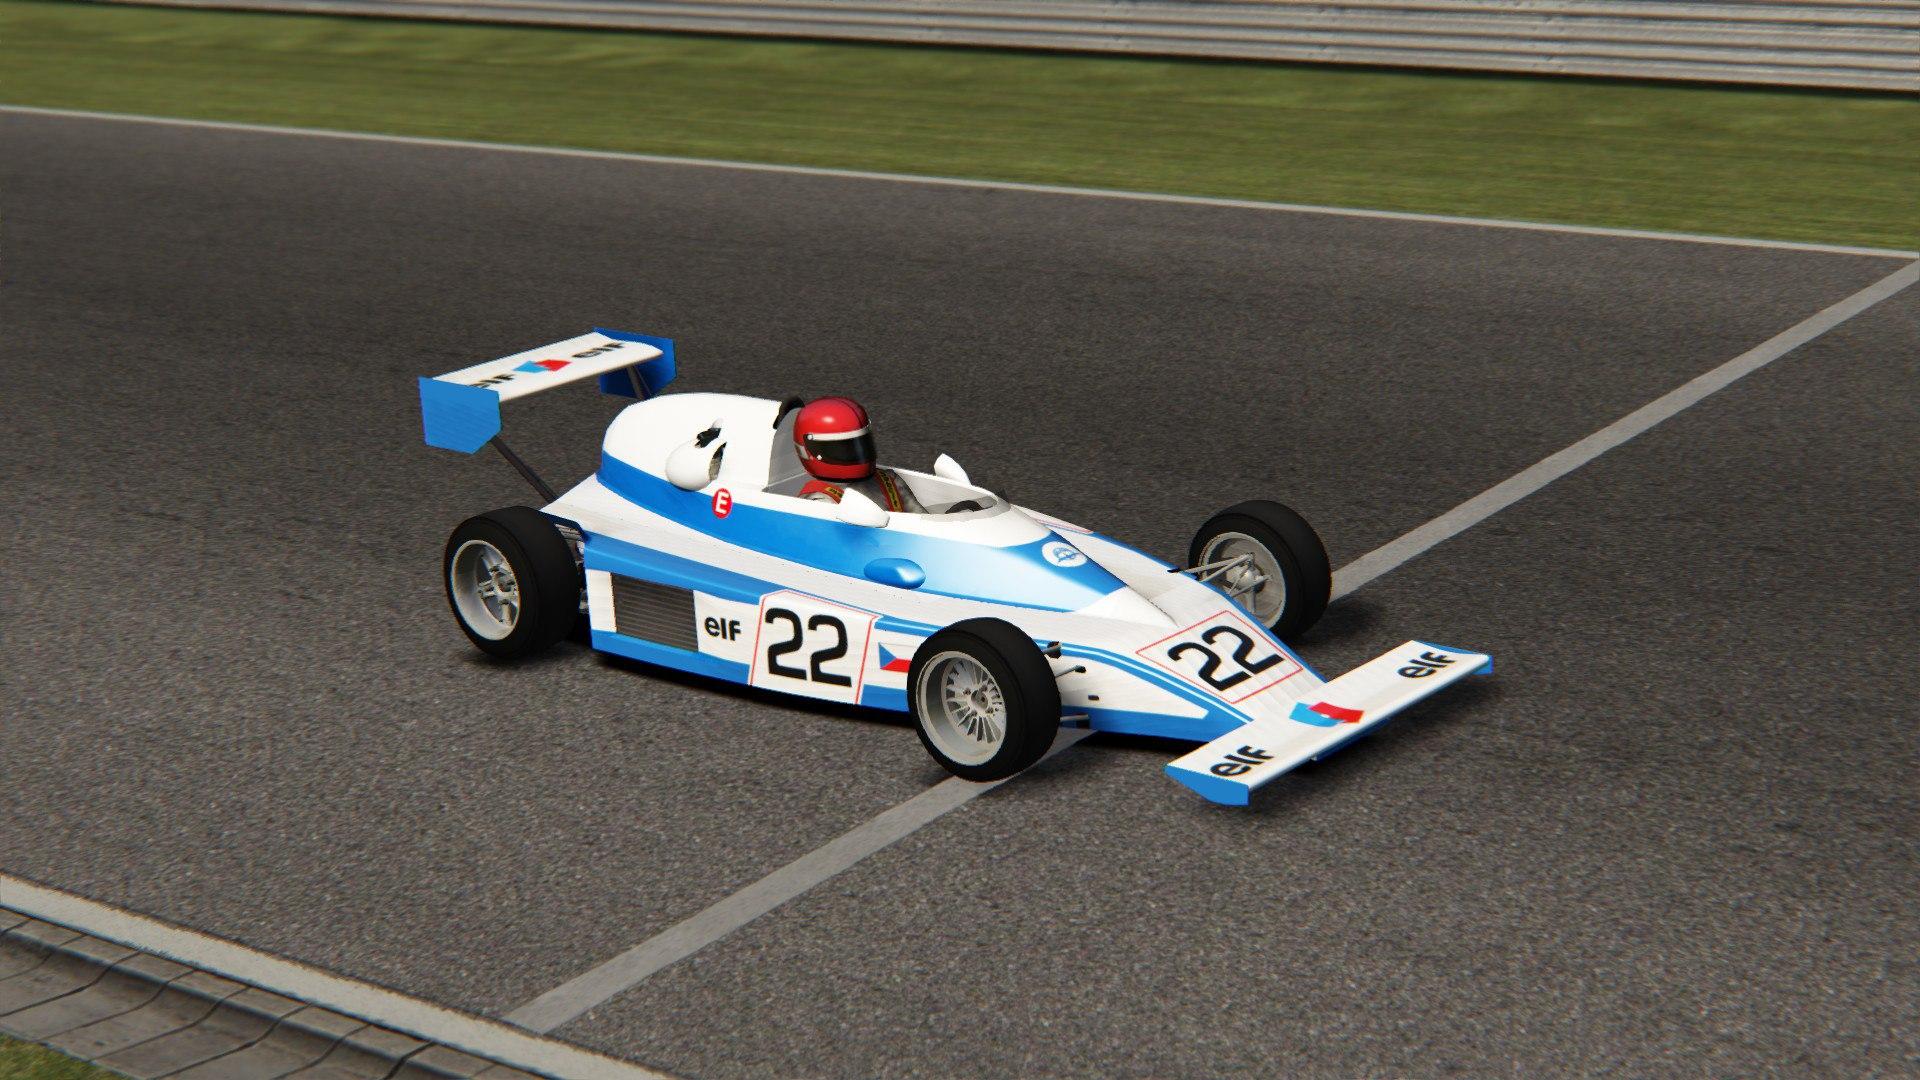 lFu48-IriyA.jpg